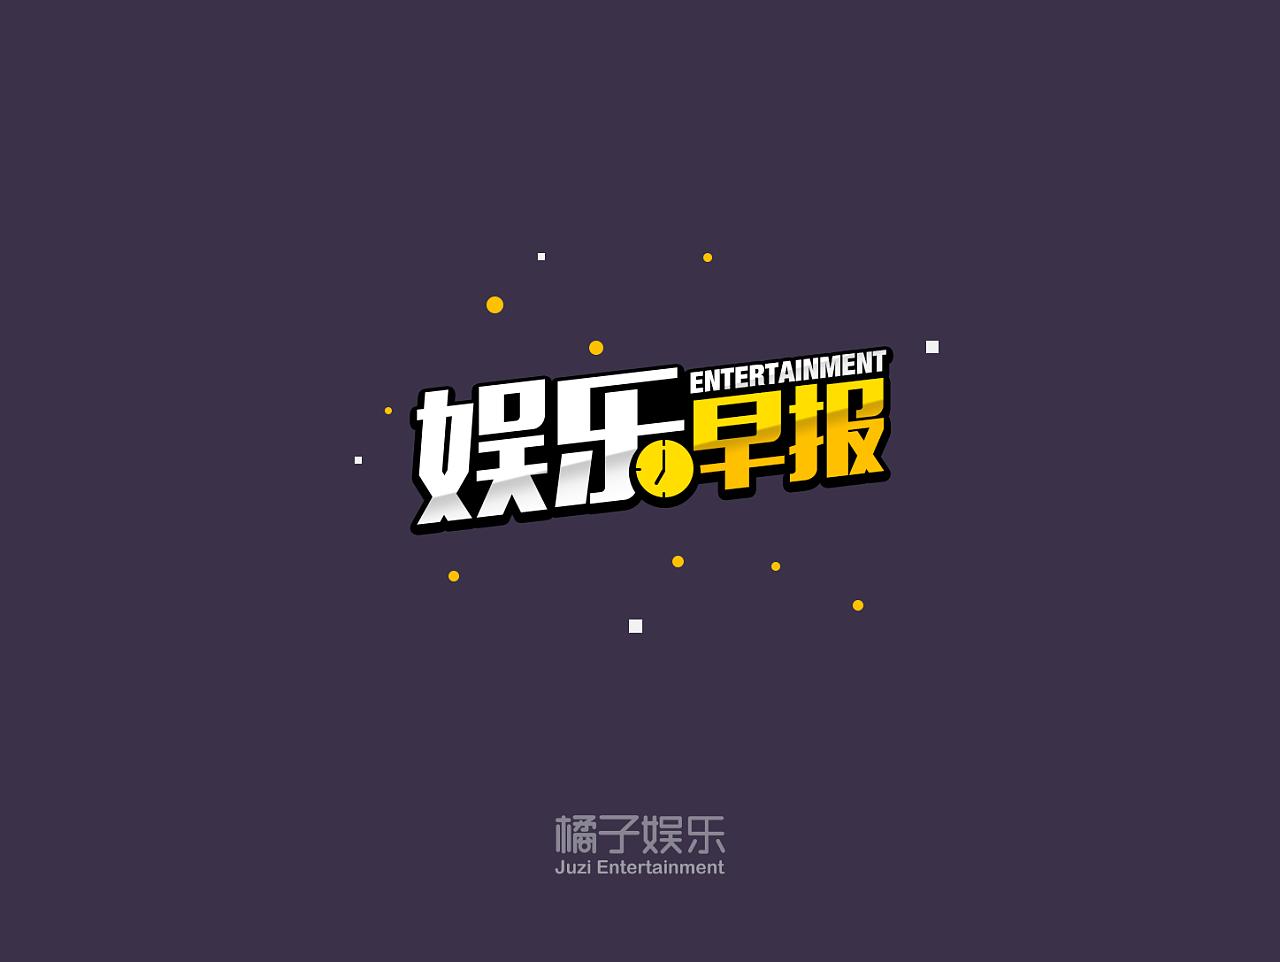 橘子娱乐app内容包装设计 小展示!